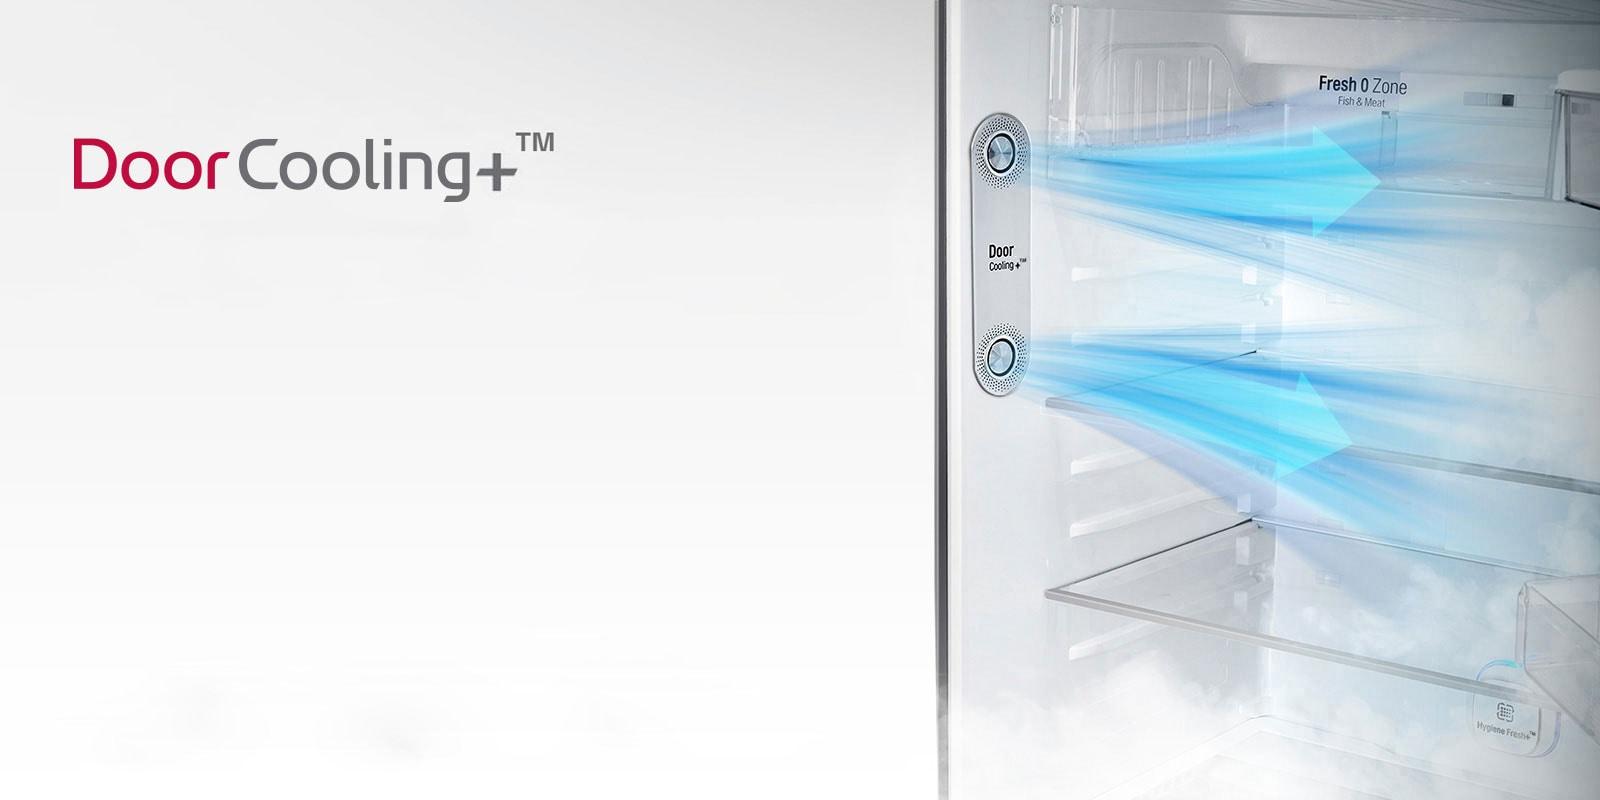 LG GL-T292SRG3 260 Ltr Door Cooling+